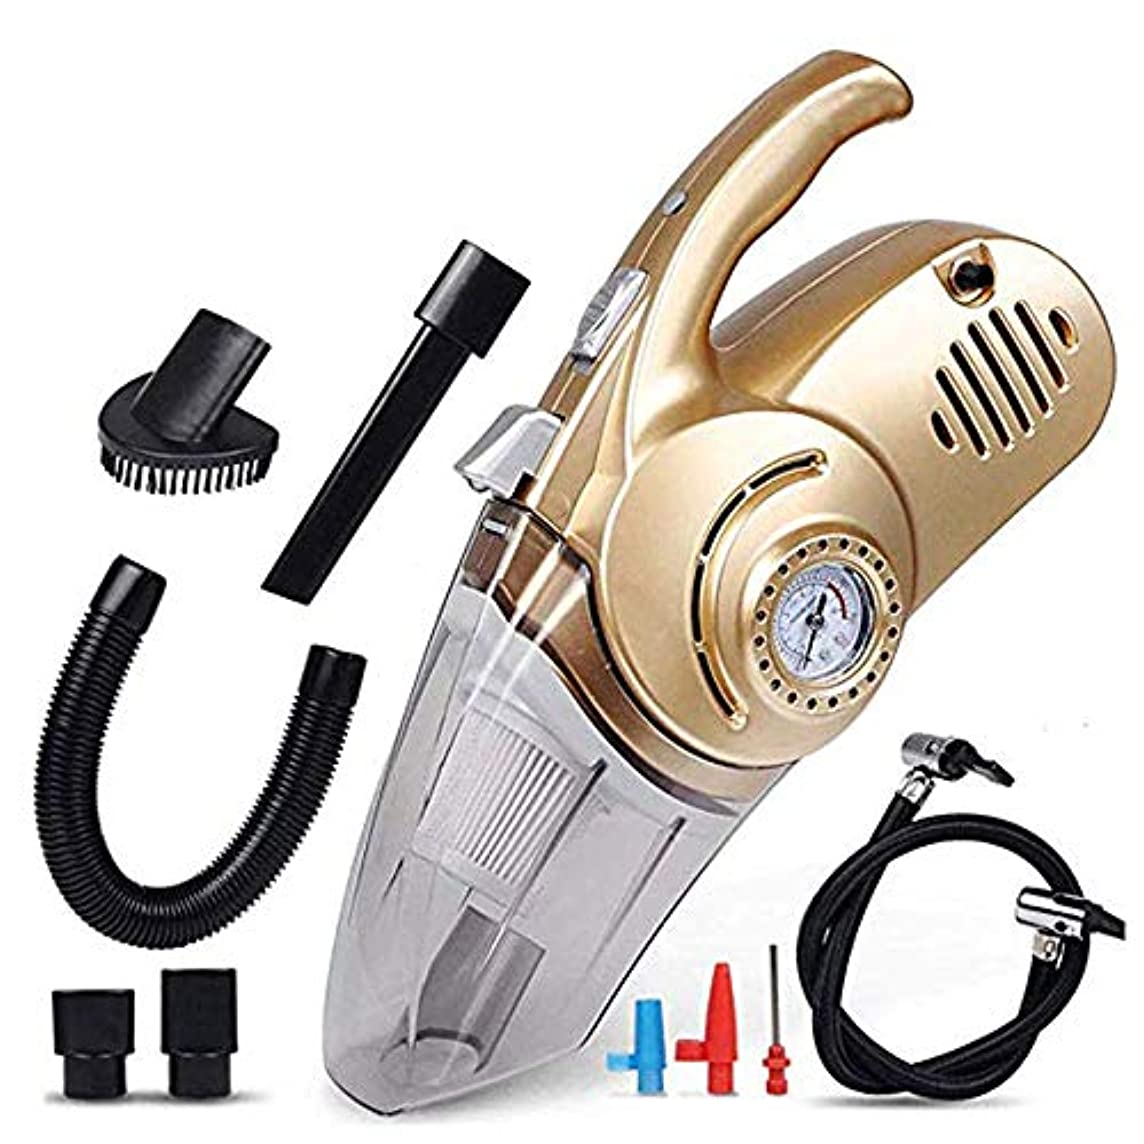 鉄後継農業の車用掃除機、4 in 1車用エアポンプ12V乾湿両方の照明高出力ポータブルハンドヘルドミュート家庭、床、カーペット、人のペットの髪に最適